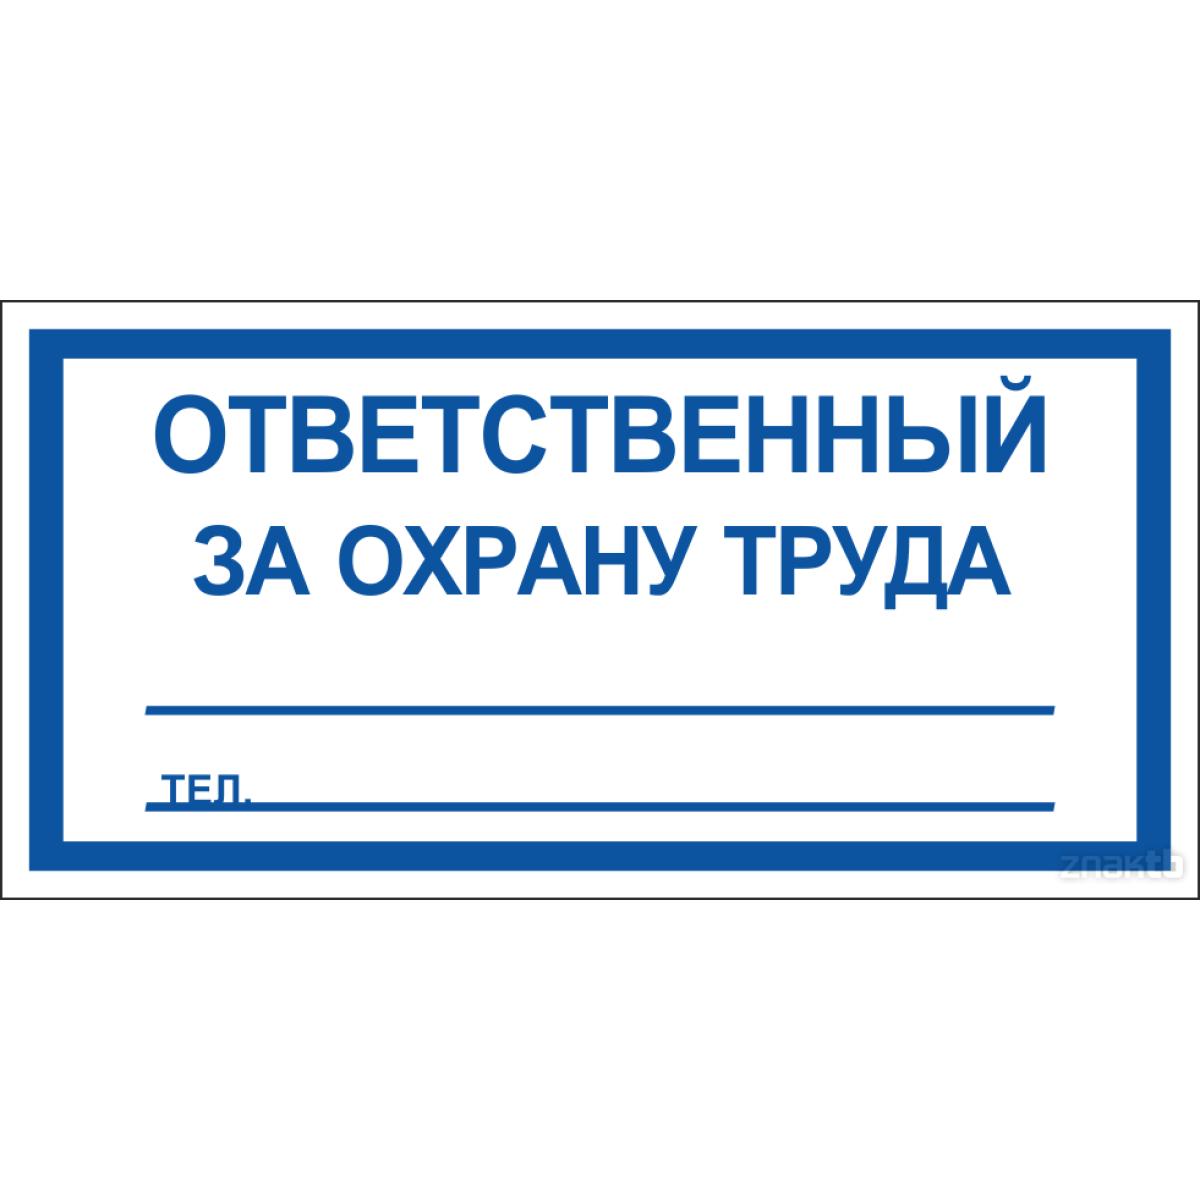 Табличка Ответственный за охрану труда